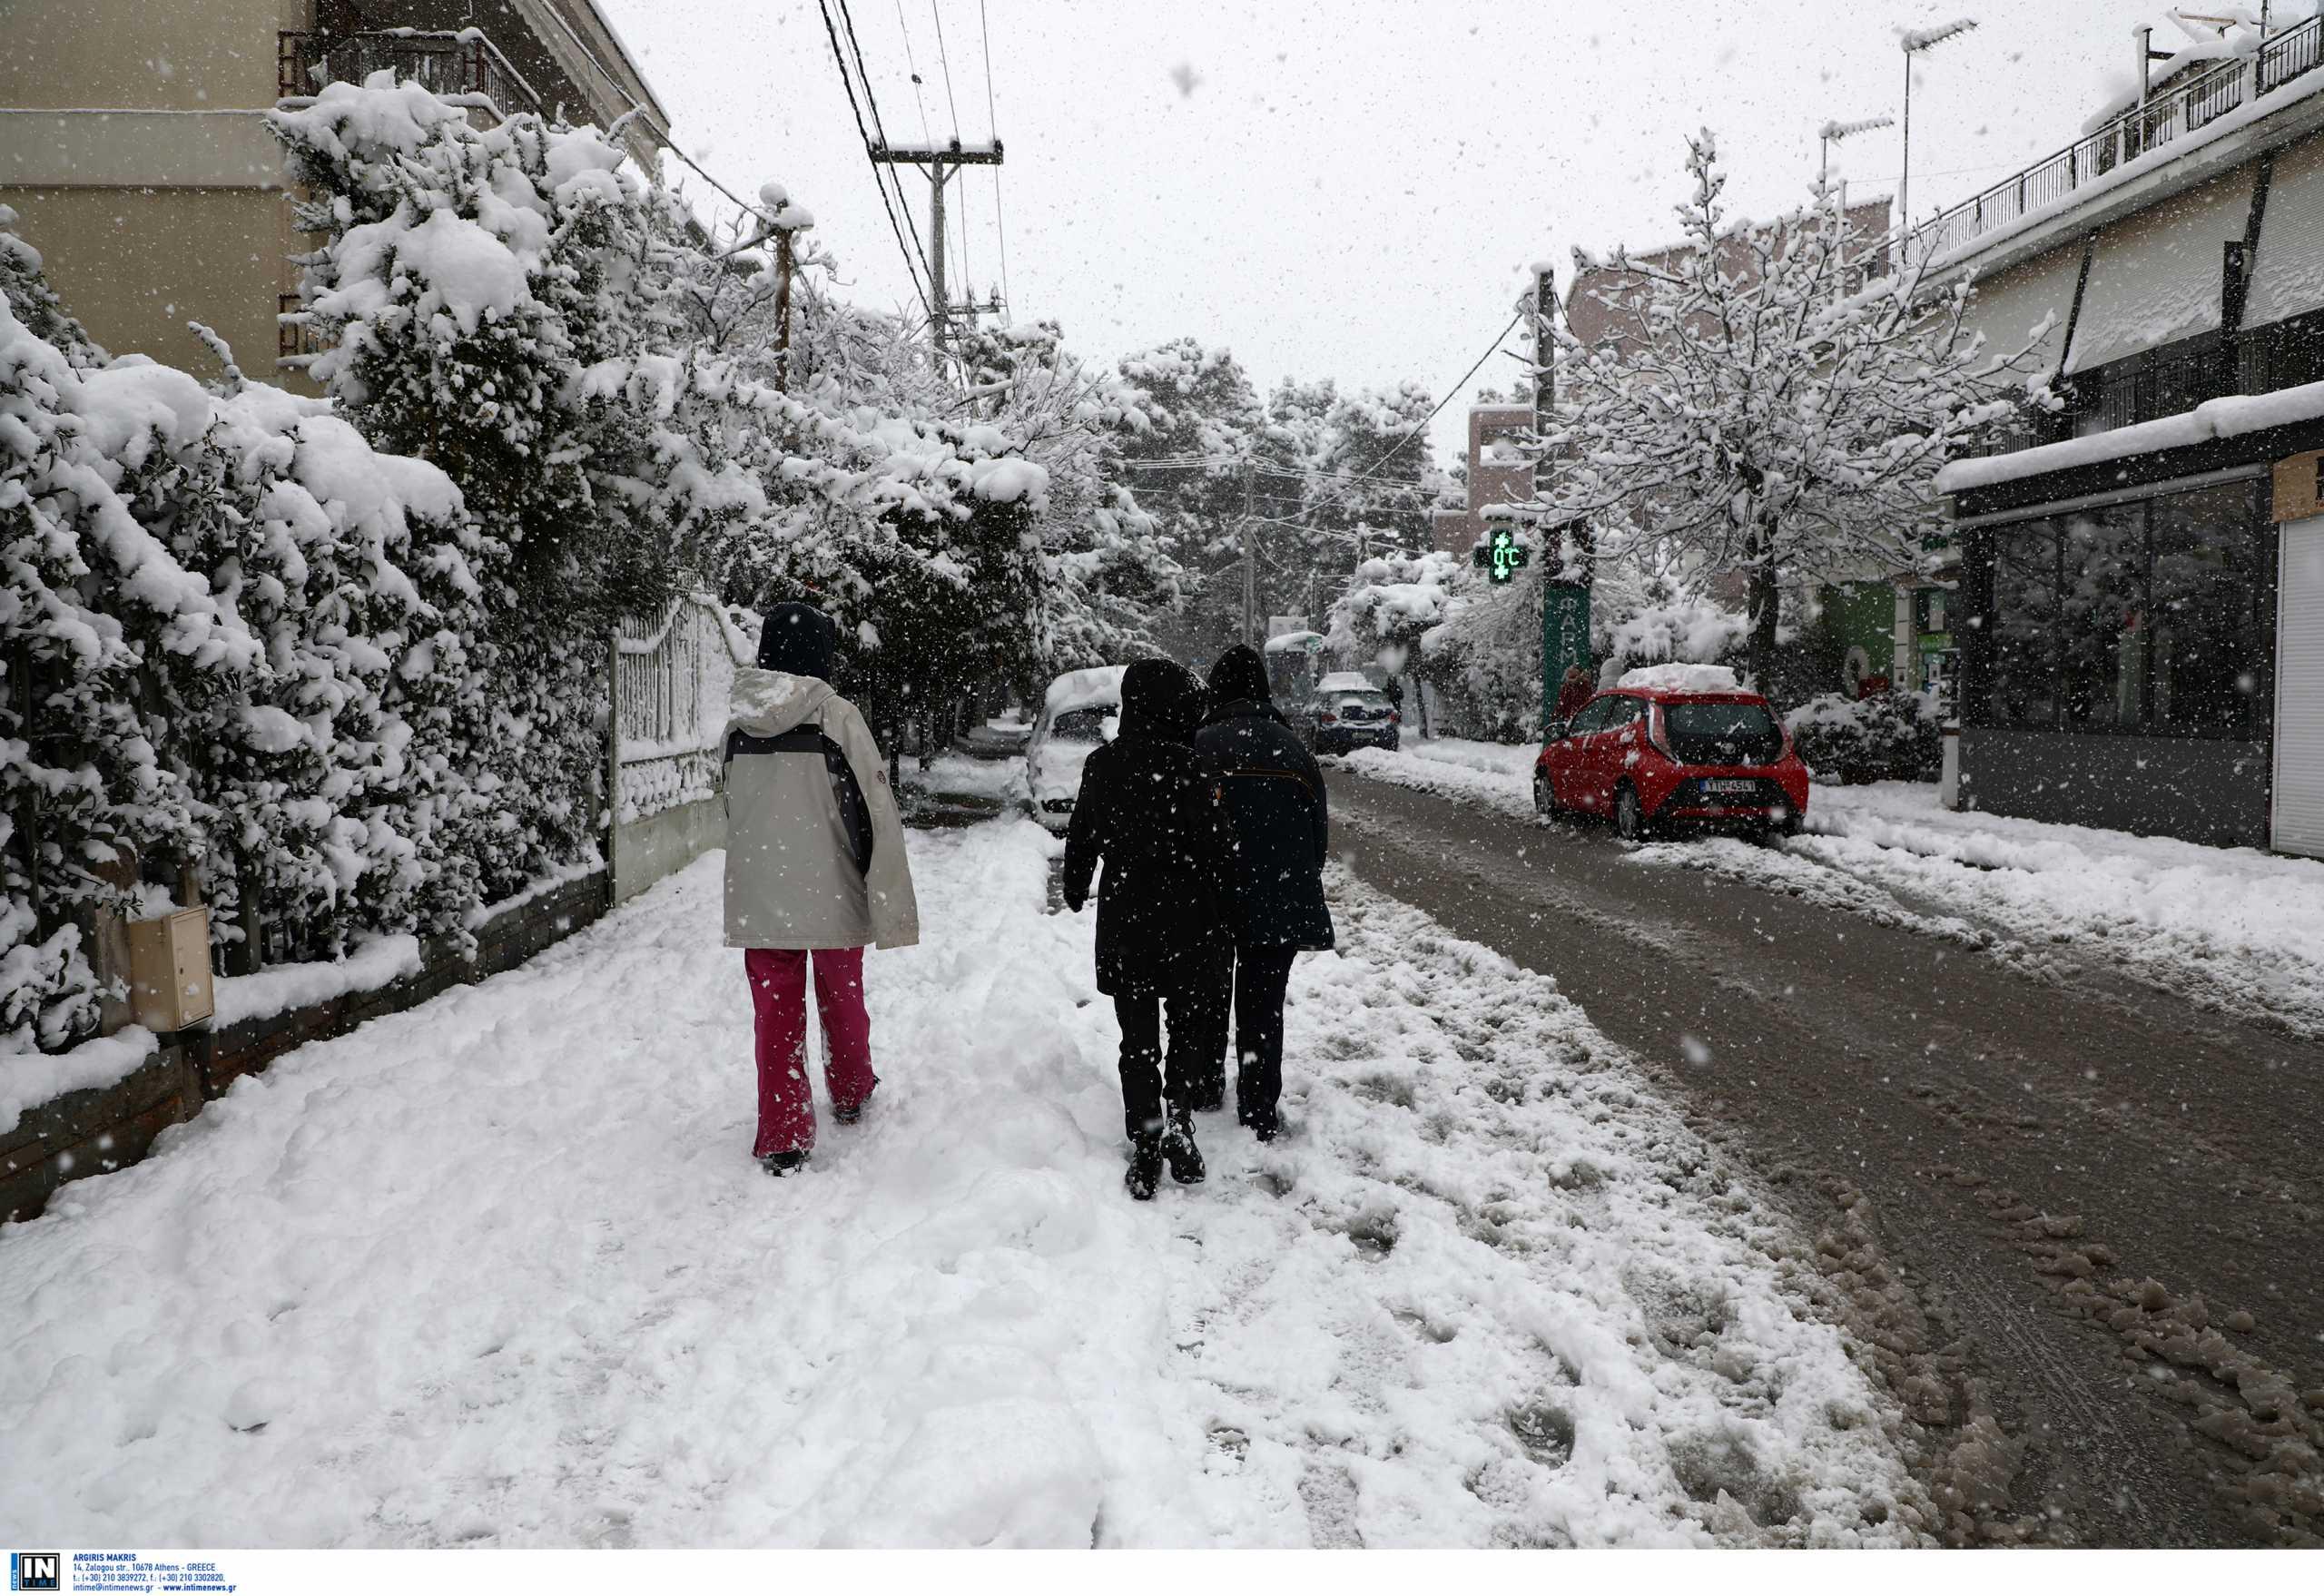 Κλειστοί δρόμοι: Άνοιξε η Εθνικής Αντιστάσεως στην Καισαριανή